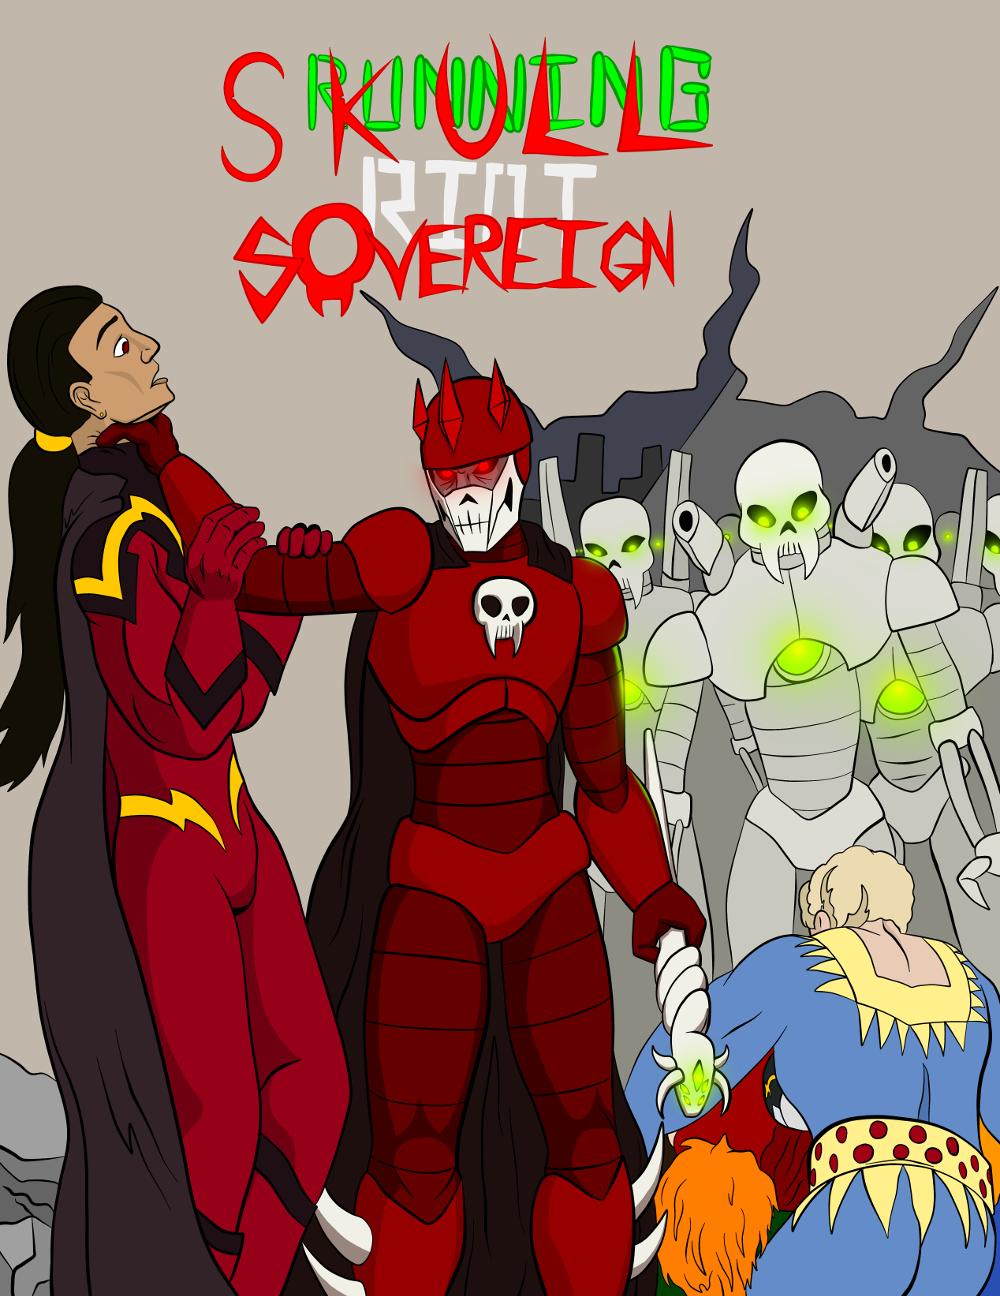 Chapter 11: Skull Sovereign